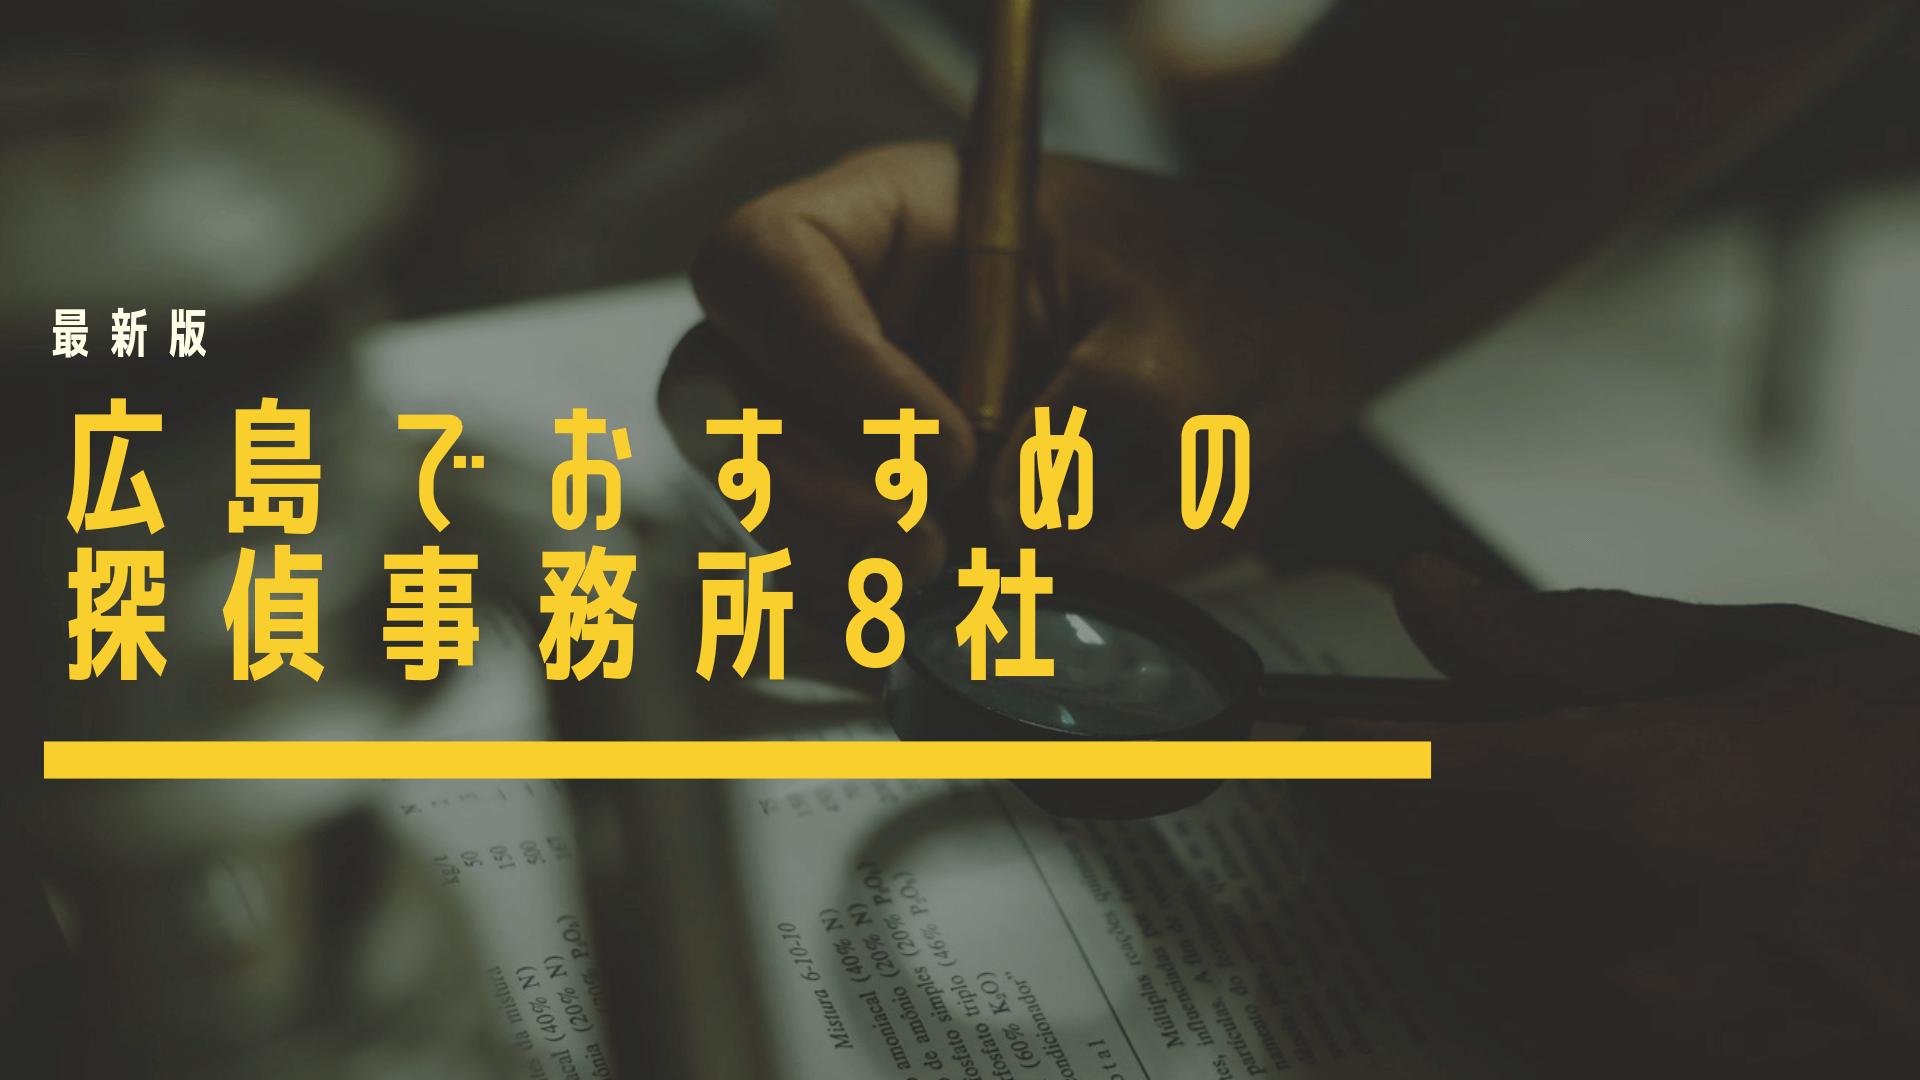 広島でおすすめの探偵事務所・興信所8社を徹底比較